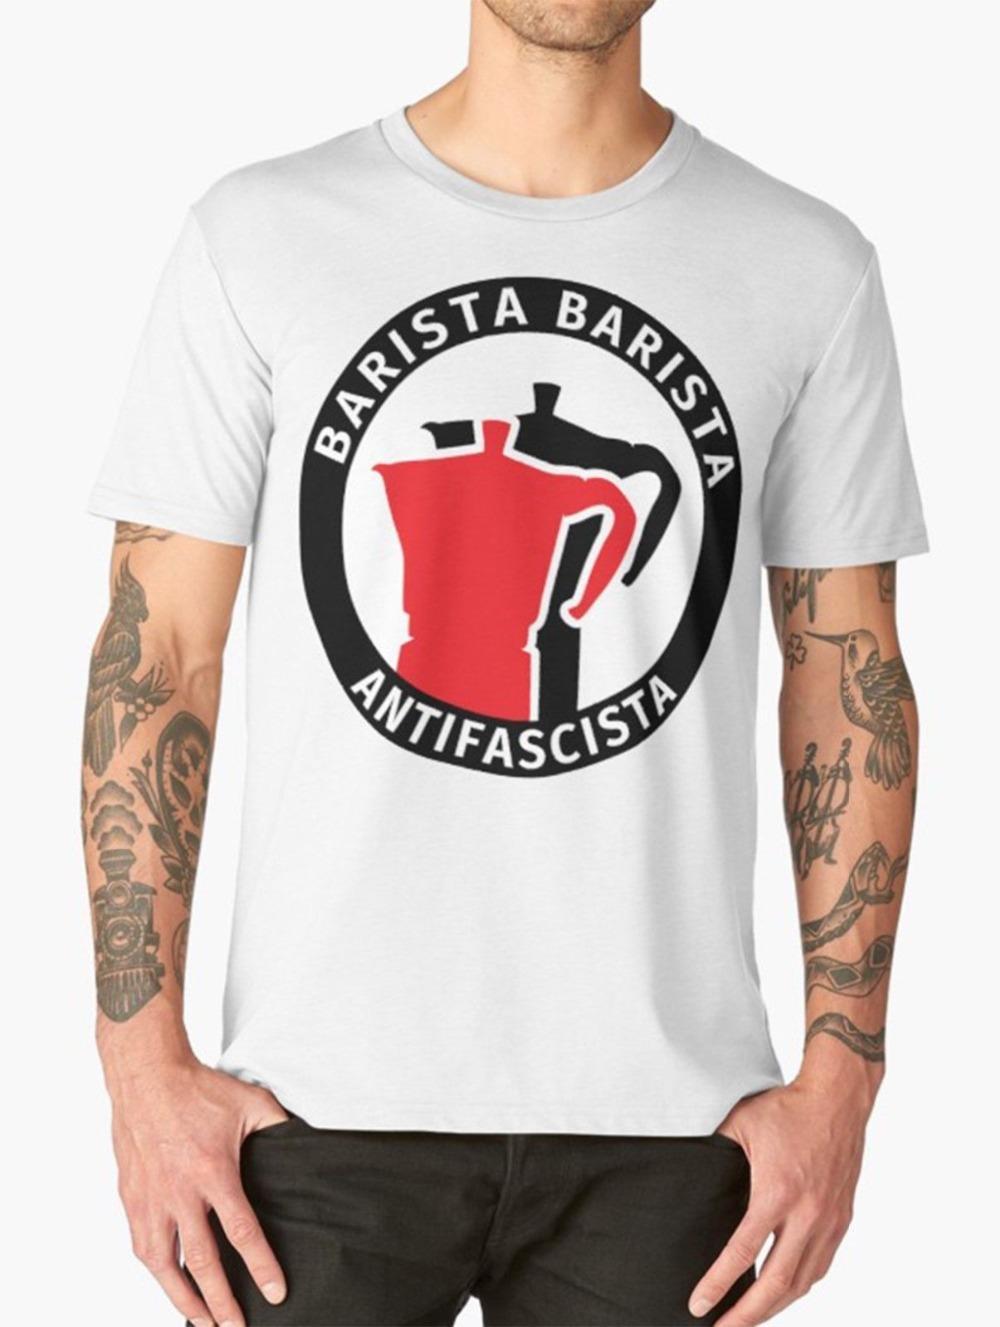 Barista T-shirt drôle Pun café Antifascista T-shirt Homme 2020 New Print T-shirt à manches courtes hommes chauds de bande T-shirts